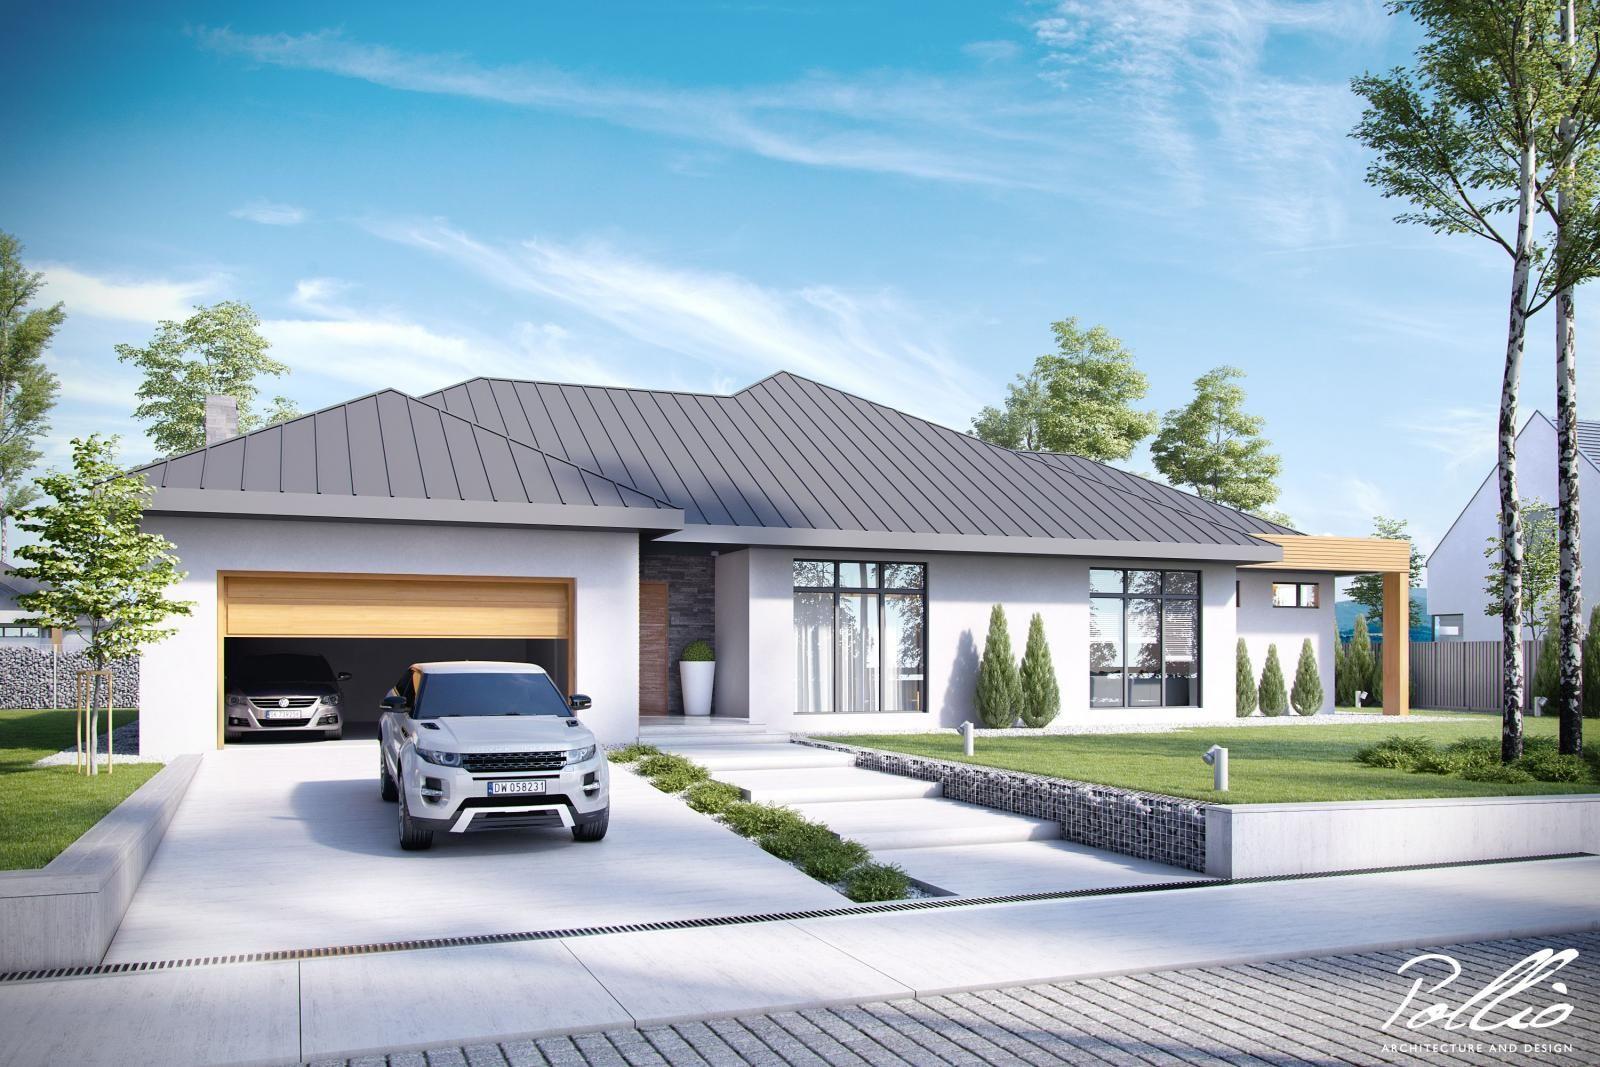 X12 Эксклюзивный проект одноэтажного дома фото 1 | Дизайн ...